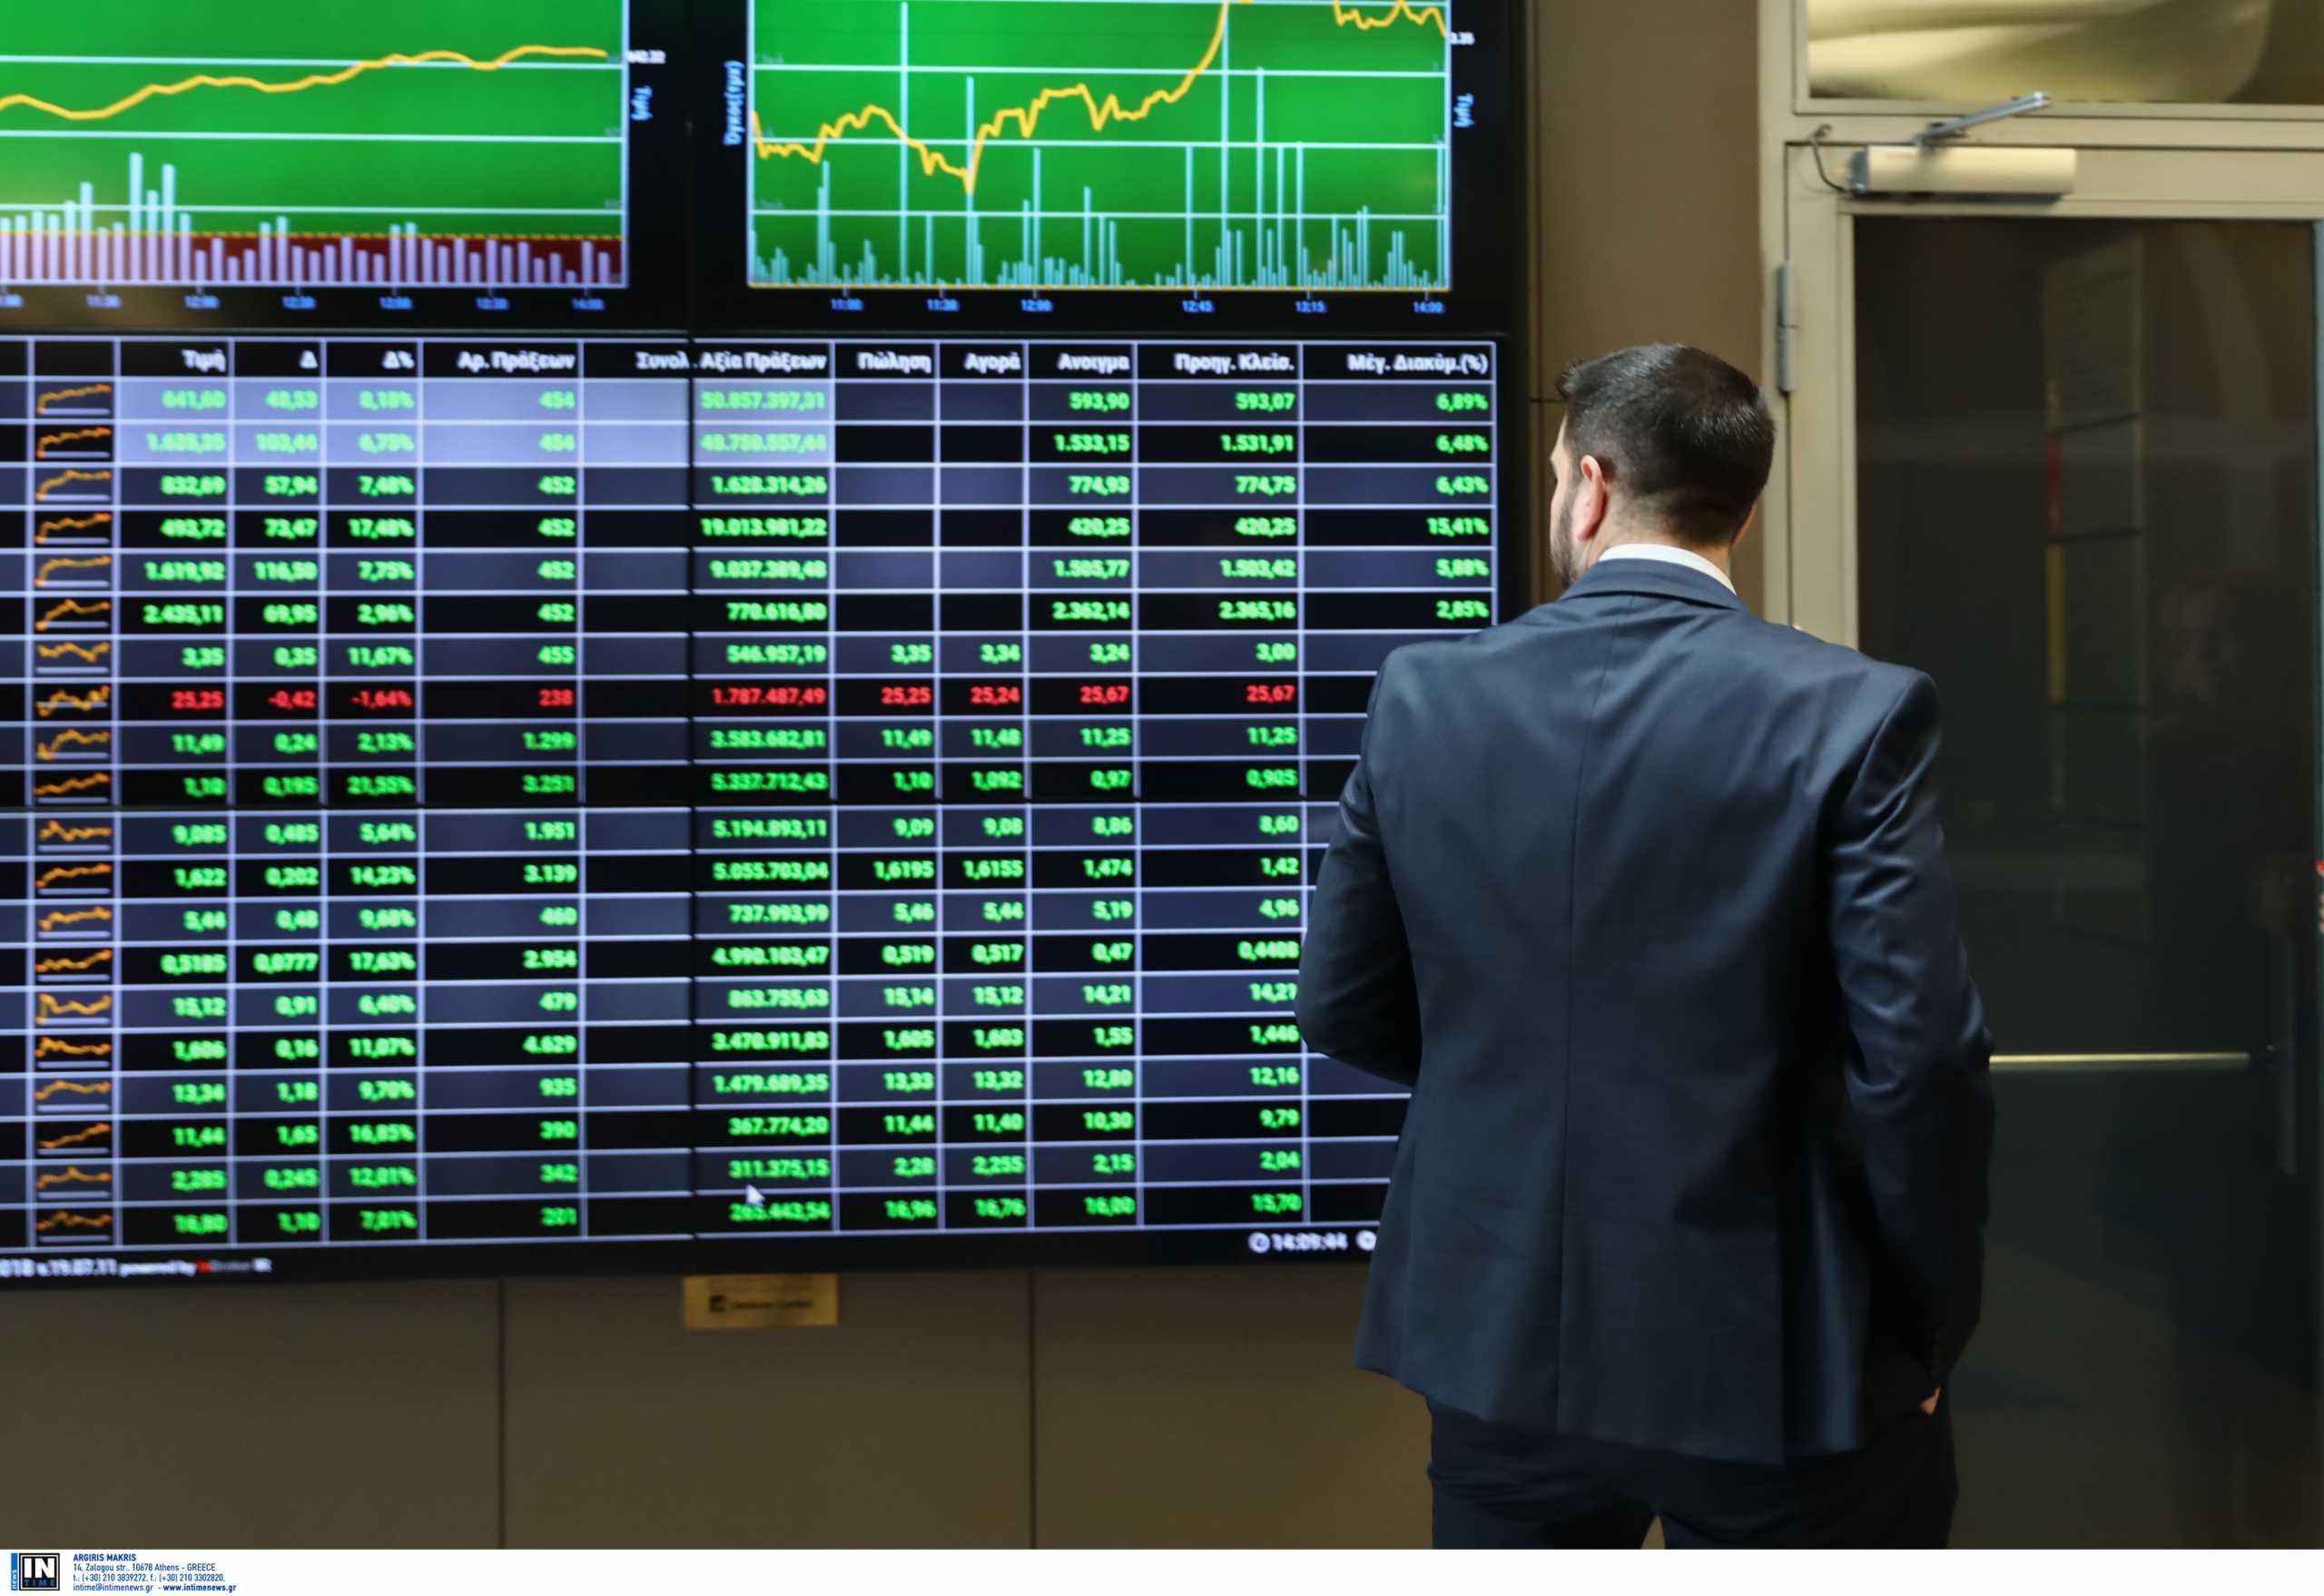 Χρηματιστήριο Αθηνών: Κλείσιμο με άνοδο 0,53% – Στα 90,58 εκατ. ευρώ ο τζίρος